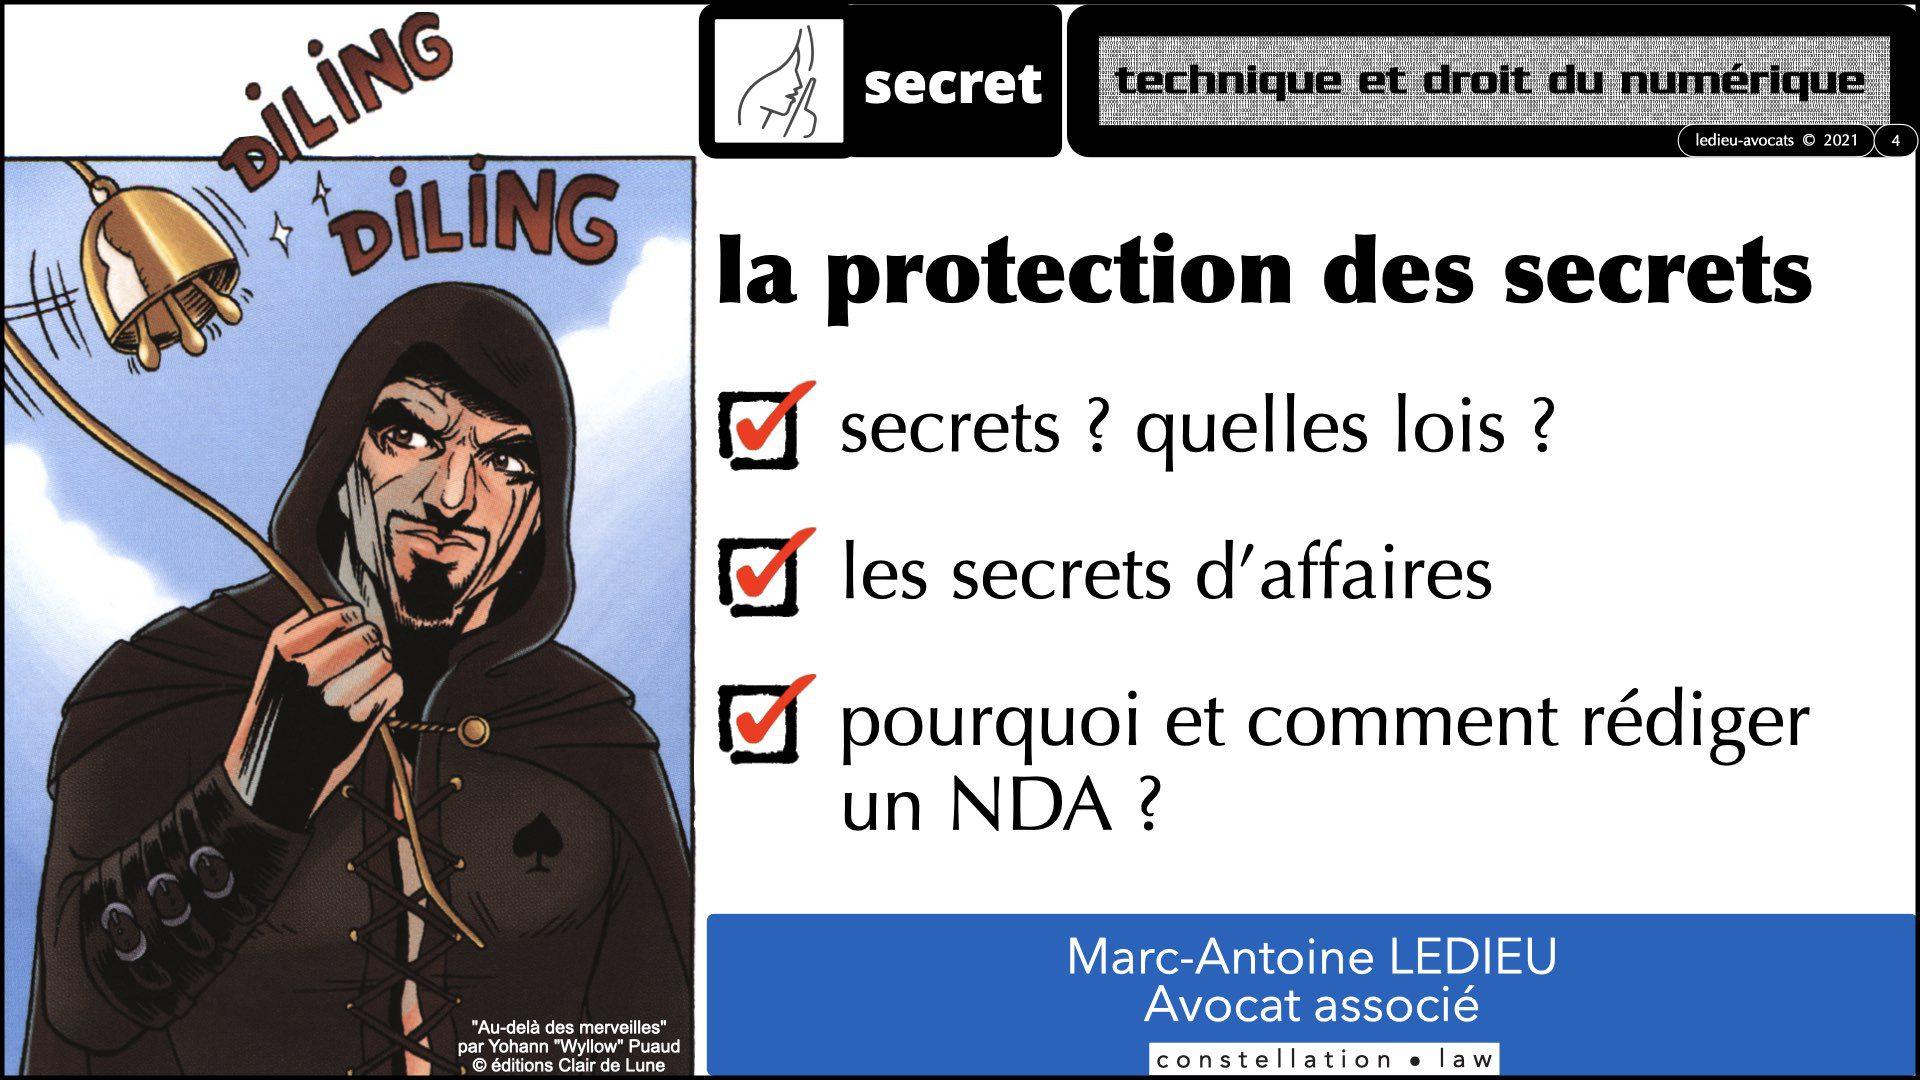 #346 zOOm X'UP SECRET d'affaire confidentialité non disclosure NDA © Ledieu Avocats technique droit numerique BLOG en BD 12-09-2021.004